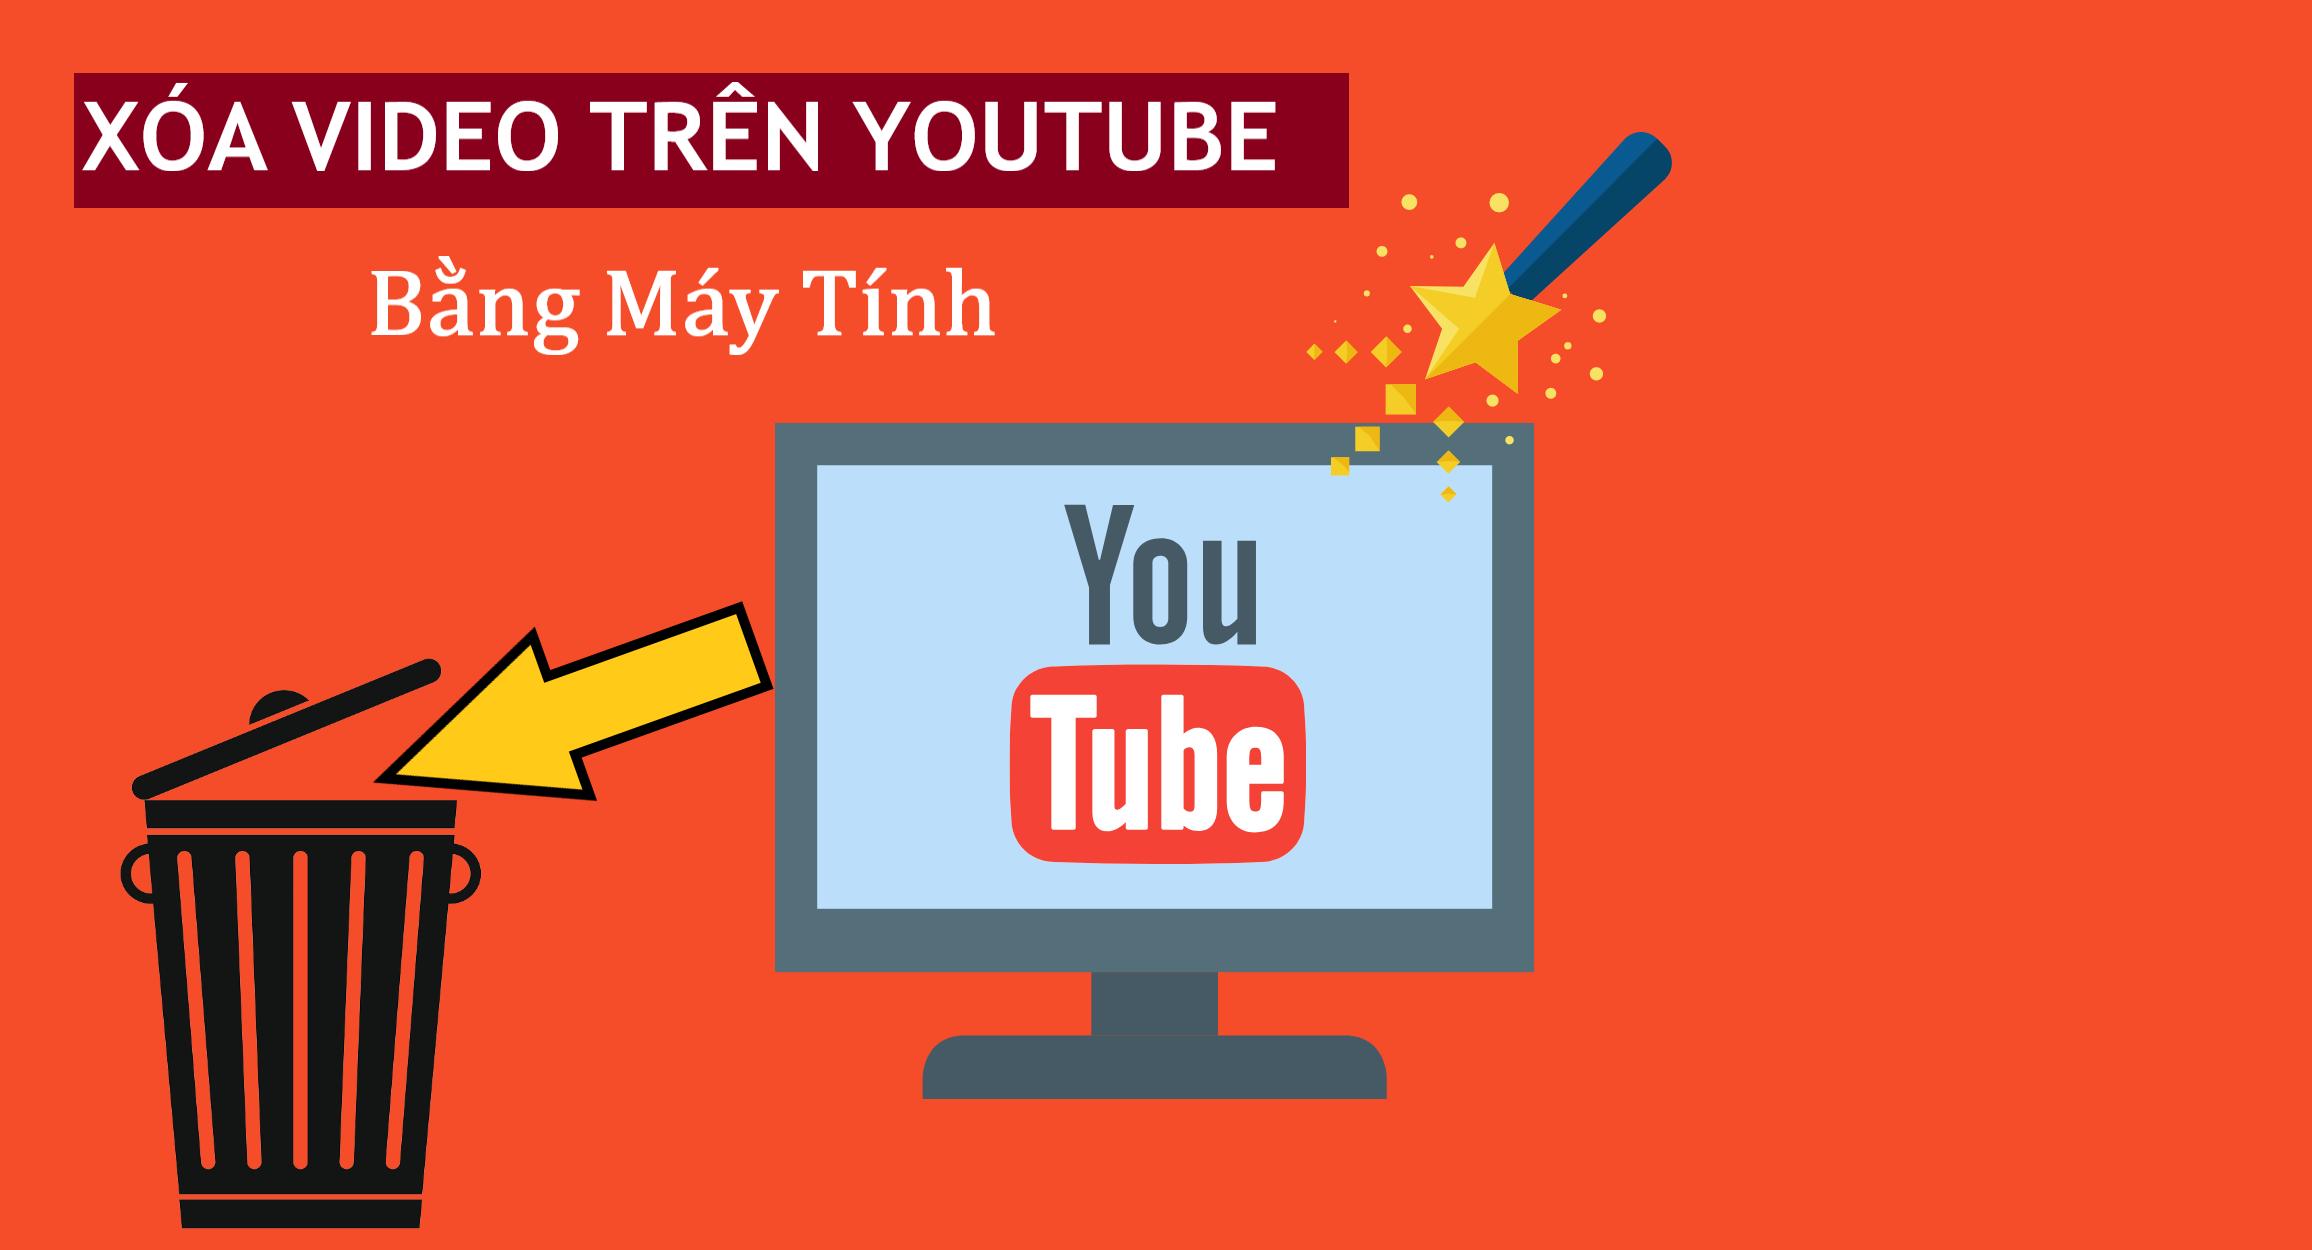 Cách xóa video trên YouTube bằng máy tính chắc ai đó sẽ cần